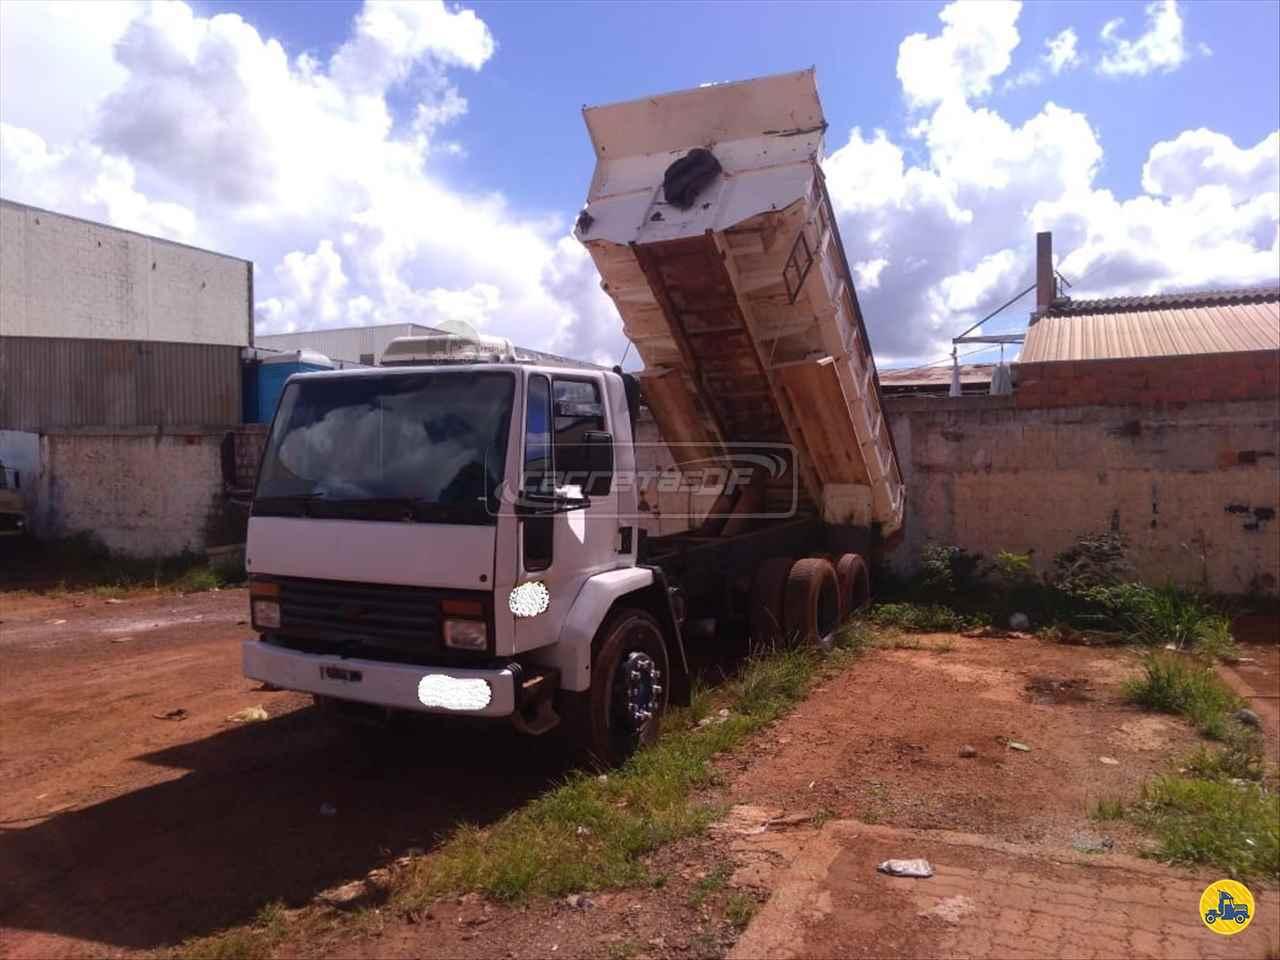 CAMINHAO FORD CARGO 1317 Caçamba Basculante 3/4 6x2 CARRETAS DF - NOMA BRASILIA DISTRITO FEDERAL DF